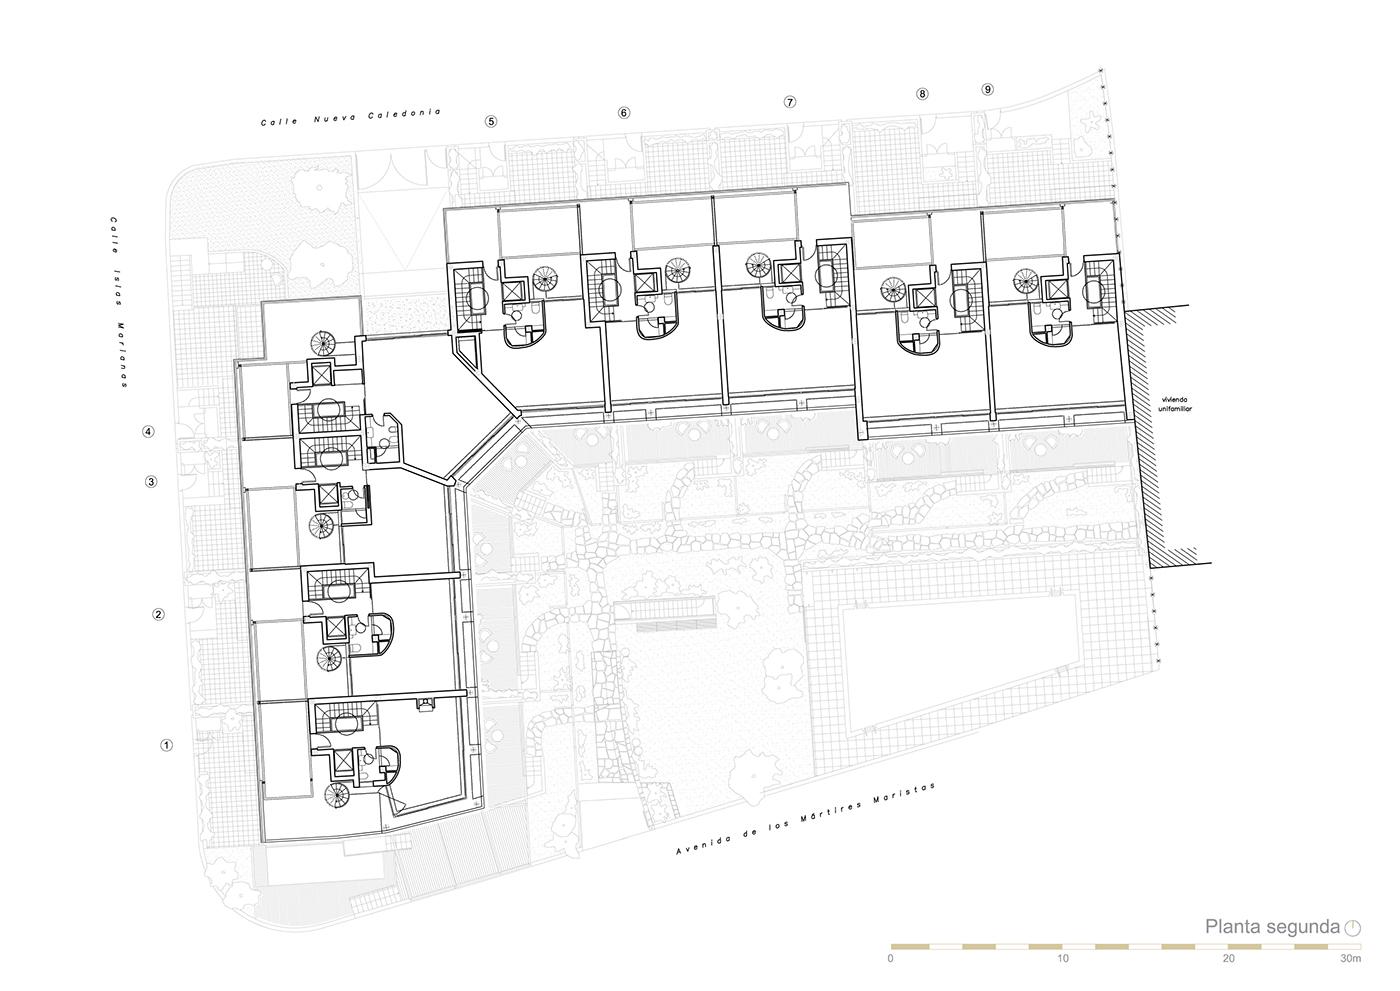 Edificio de viviendas en la dehesa de la villa madrid on - Maroto e ibanez ...